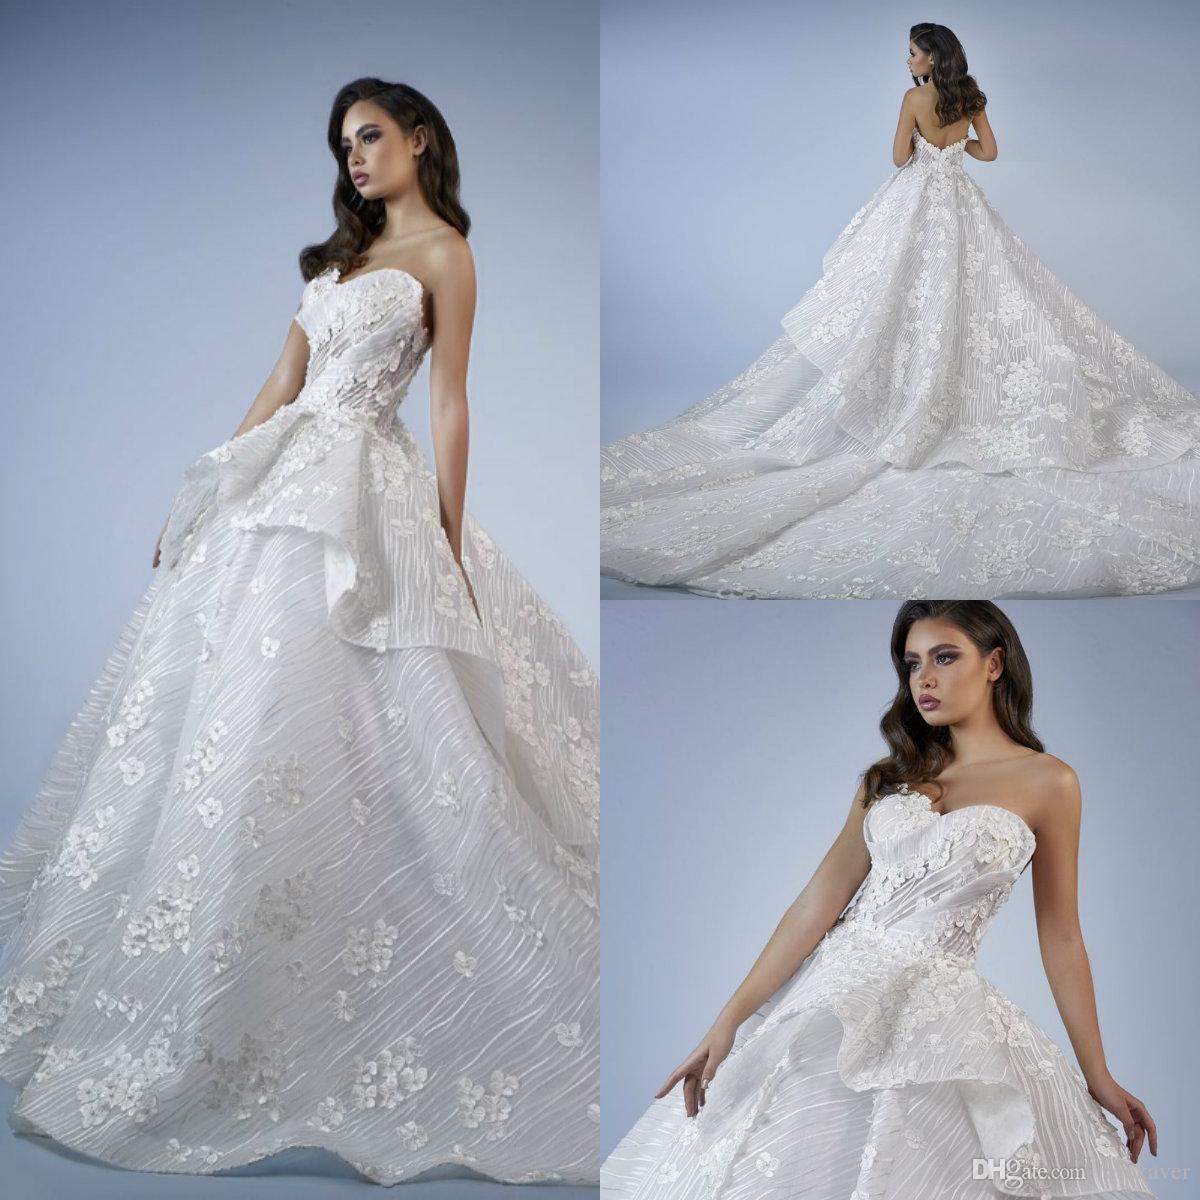 Tony Chaaya robes de mariée en dentelle florale 3D Appliqued chérie Une ligne de train Cour Pays Robe de mariée Fait sur mesure Robes de mariée de luxe